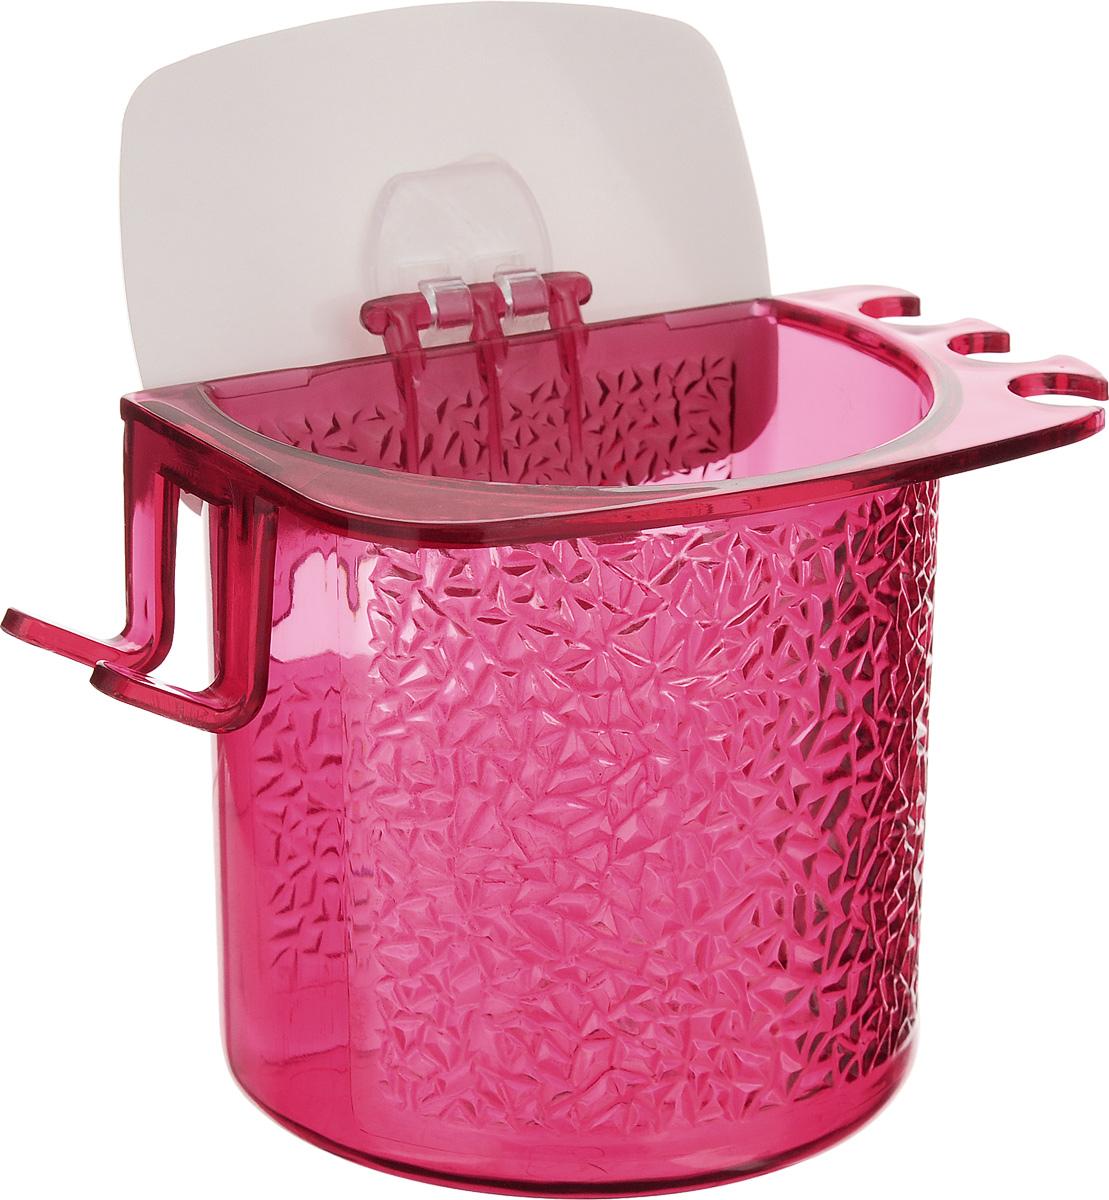 Стакан для ванной Fresh Code, на липкой основе, цвет: малиновыйPARADIS I 75013-1W ANTIQUEСтакан для ванной комнаты Fresh Code выполнен из ABS пластика. Крепление на липкой основе многократного использования идеально подходит для гладкой поверхности. С оборотной стороны изделие оснащено двумя отверстиями для удобного размещения на стене.В стакане удобно хранить зубные щетки, пасту и другие принадлежности. Аксессуары для ванной комнаты Fresh Code стильно украсят интерьер и добавят в обычную обстановку яркие и модные акценты. Стакан идеально подойдет к любому стилю ванной комнаты.